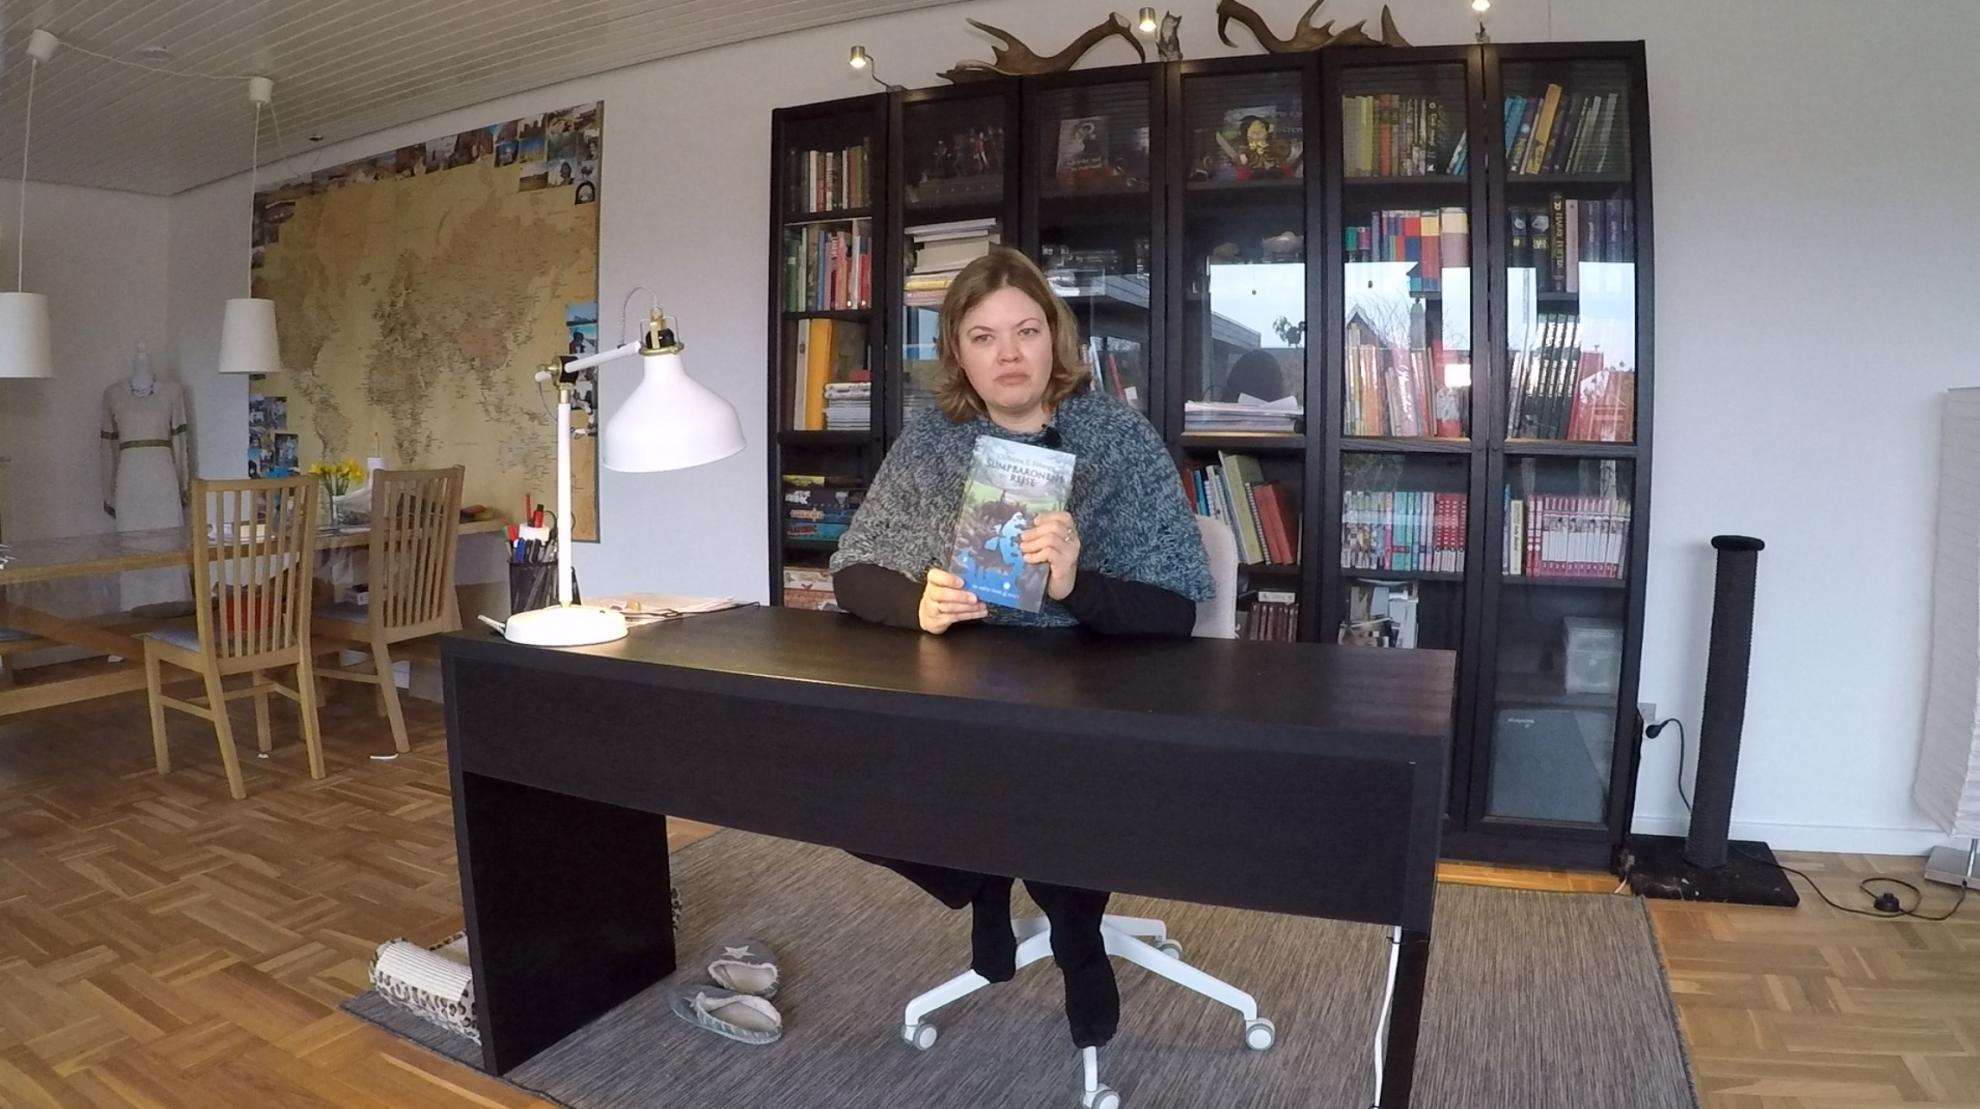 SE VIDEO : FREDERICIANSK DØVEPRÆST UDGIVER FANTASY ROMAN